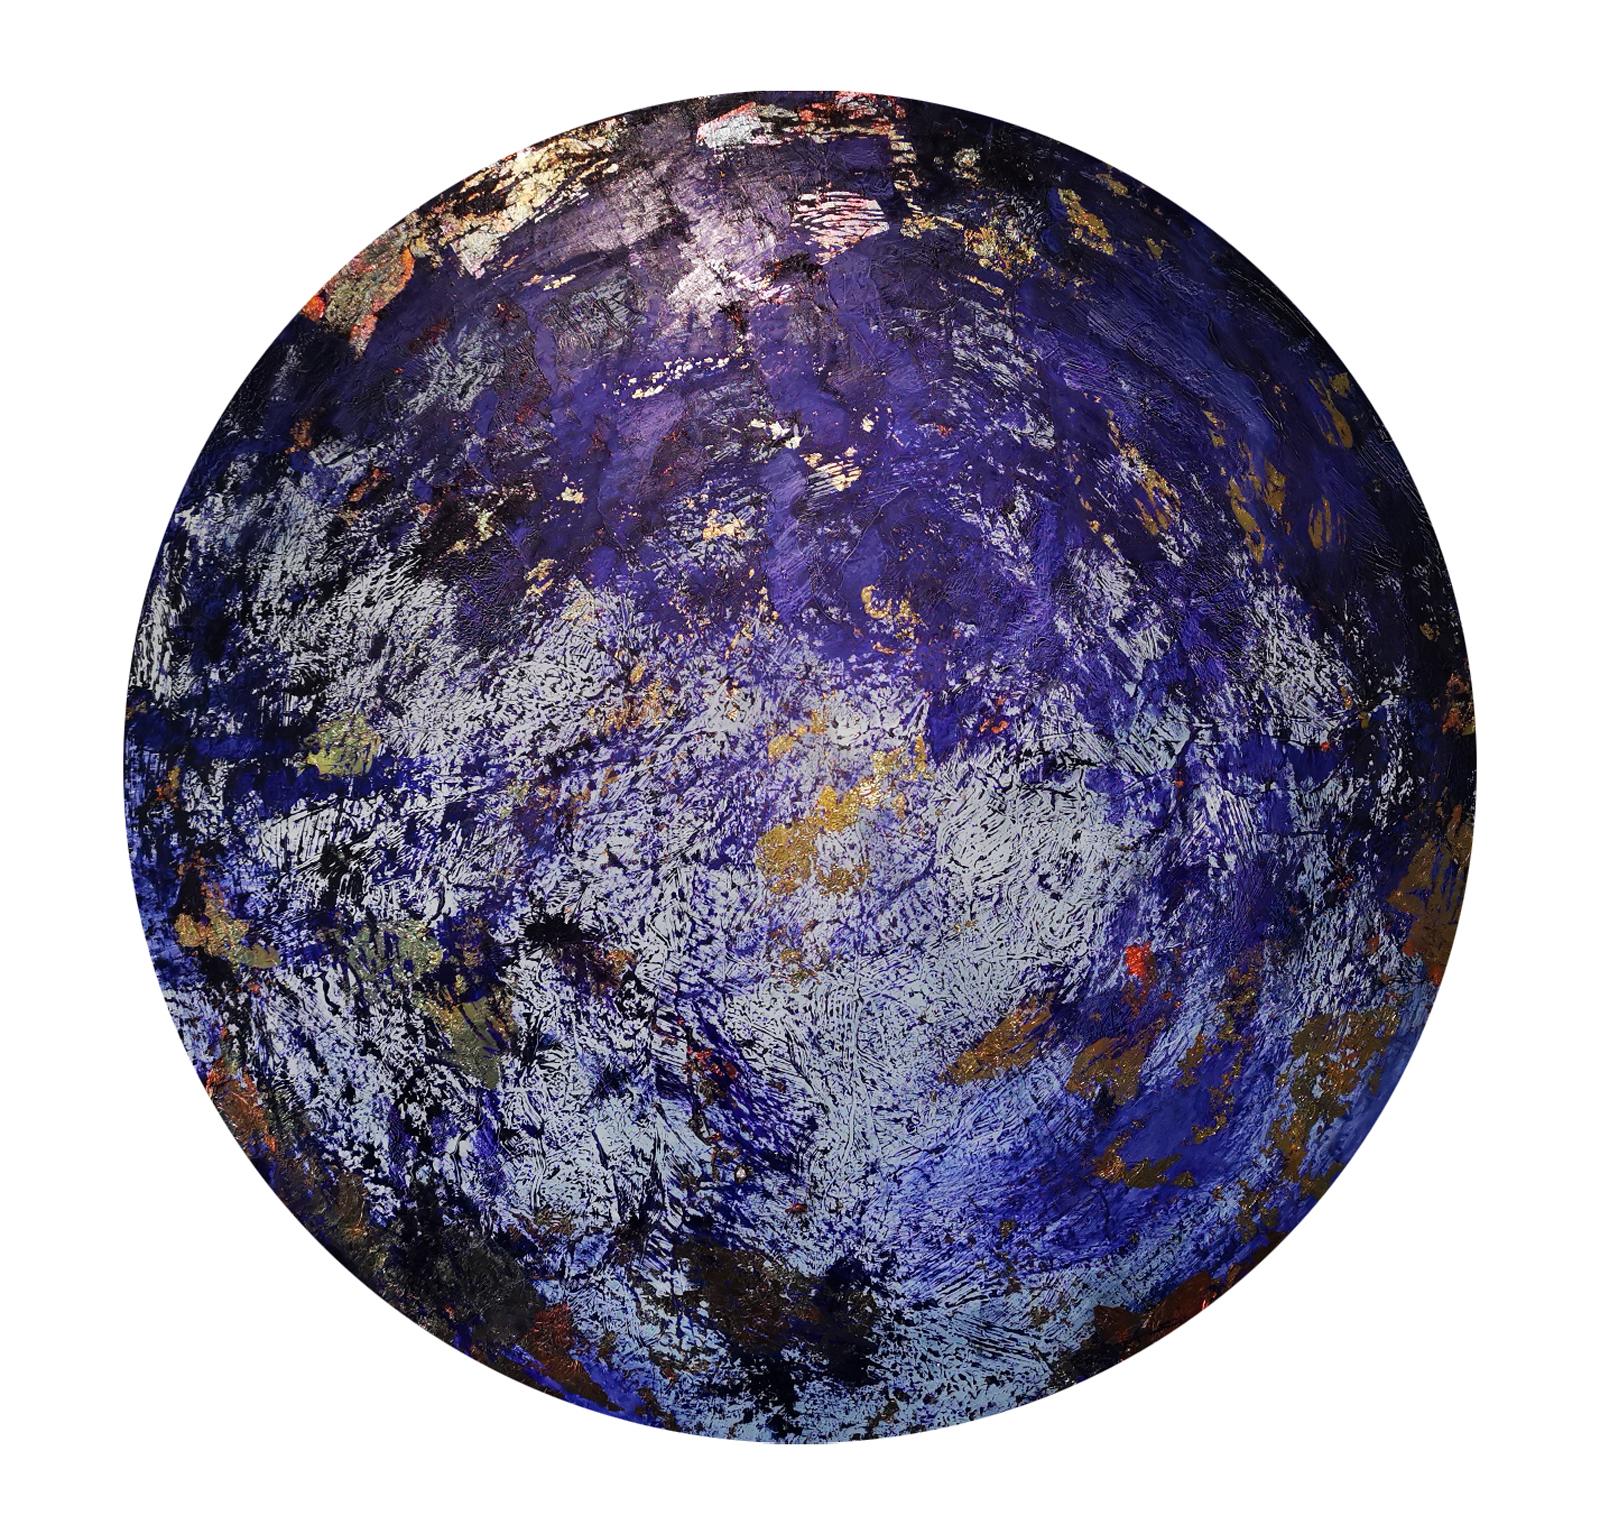 Pluto_90cm_x_90cm_oil_and_copper_foils_o